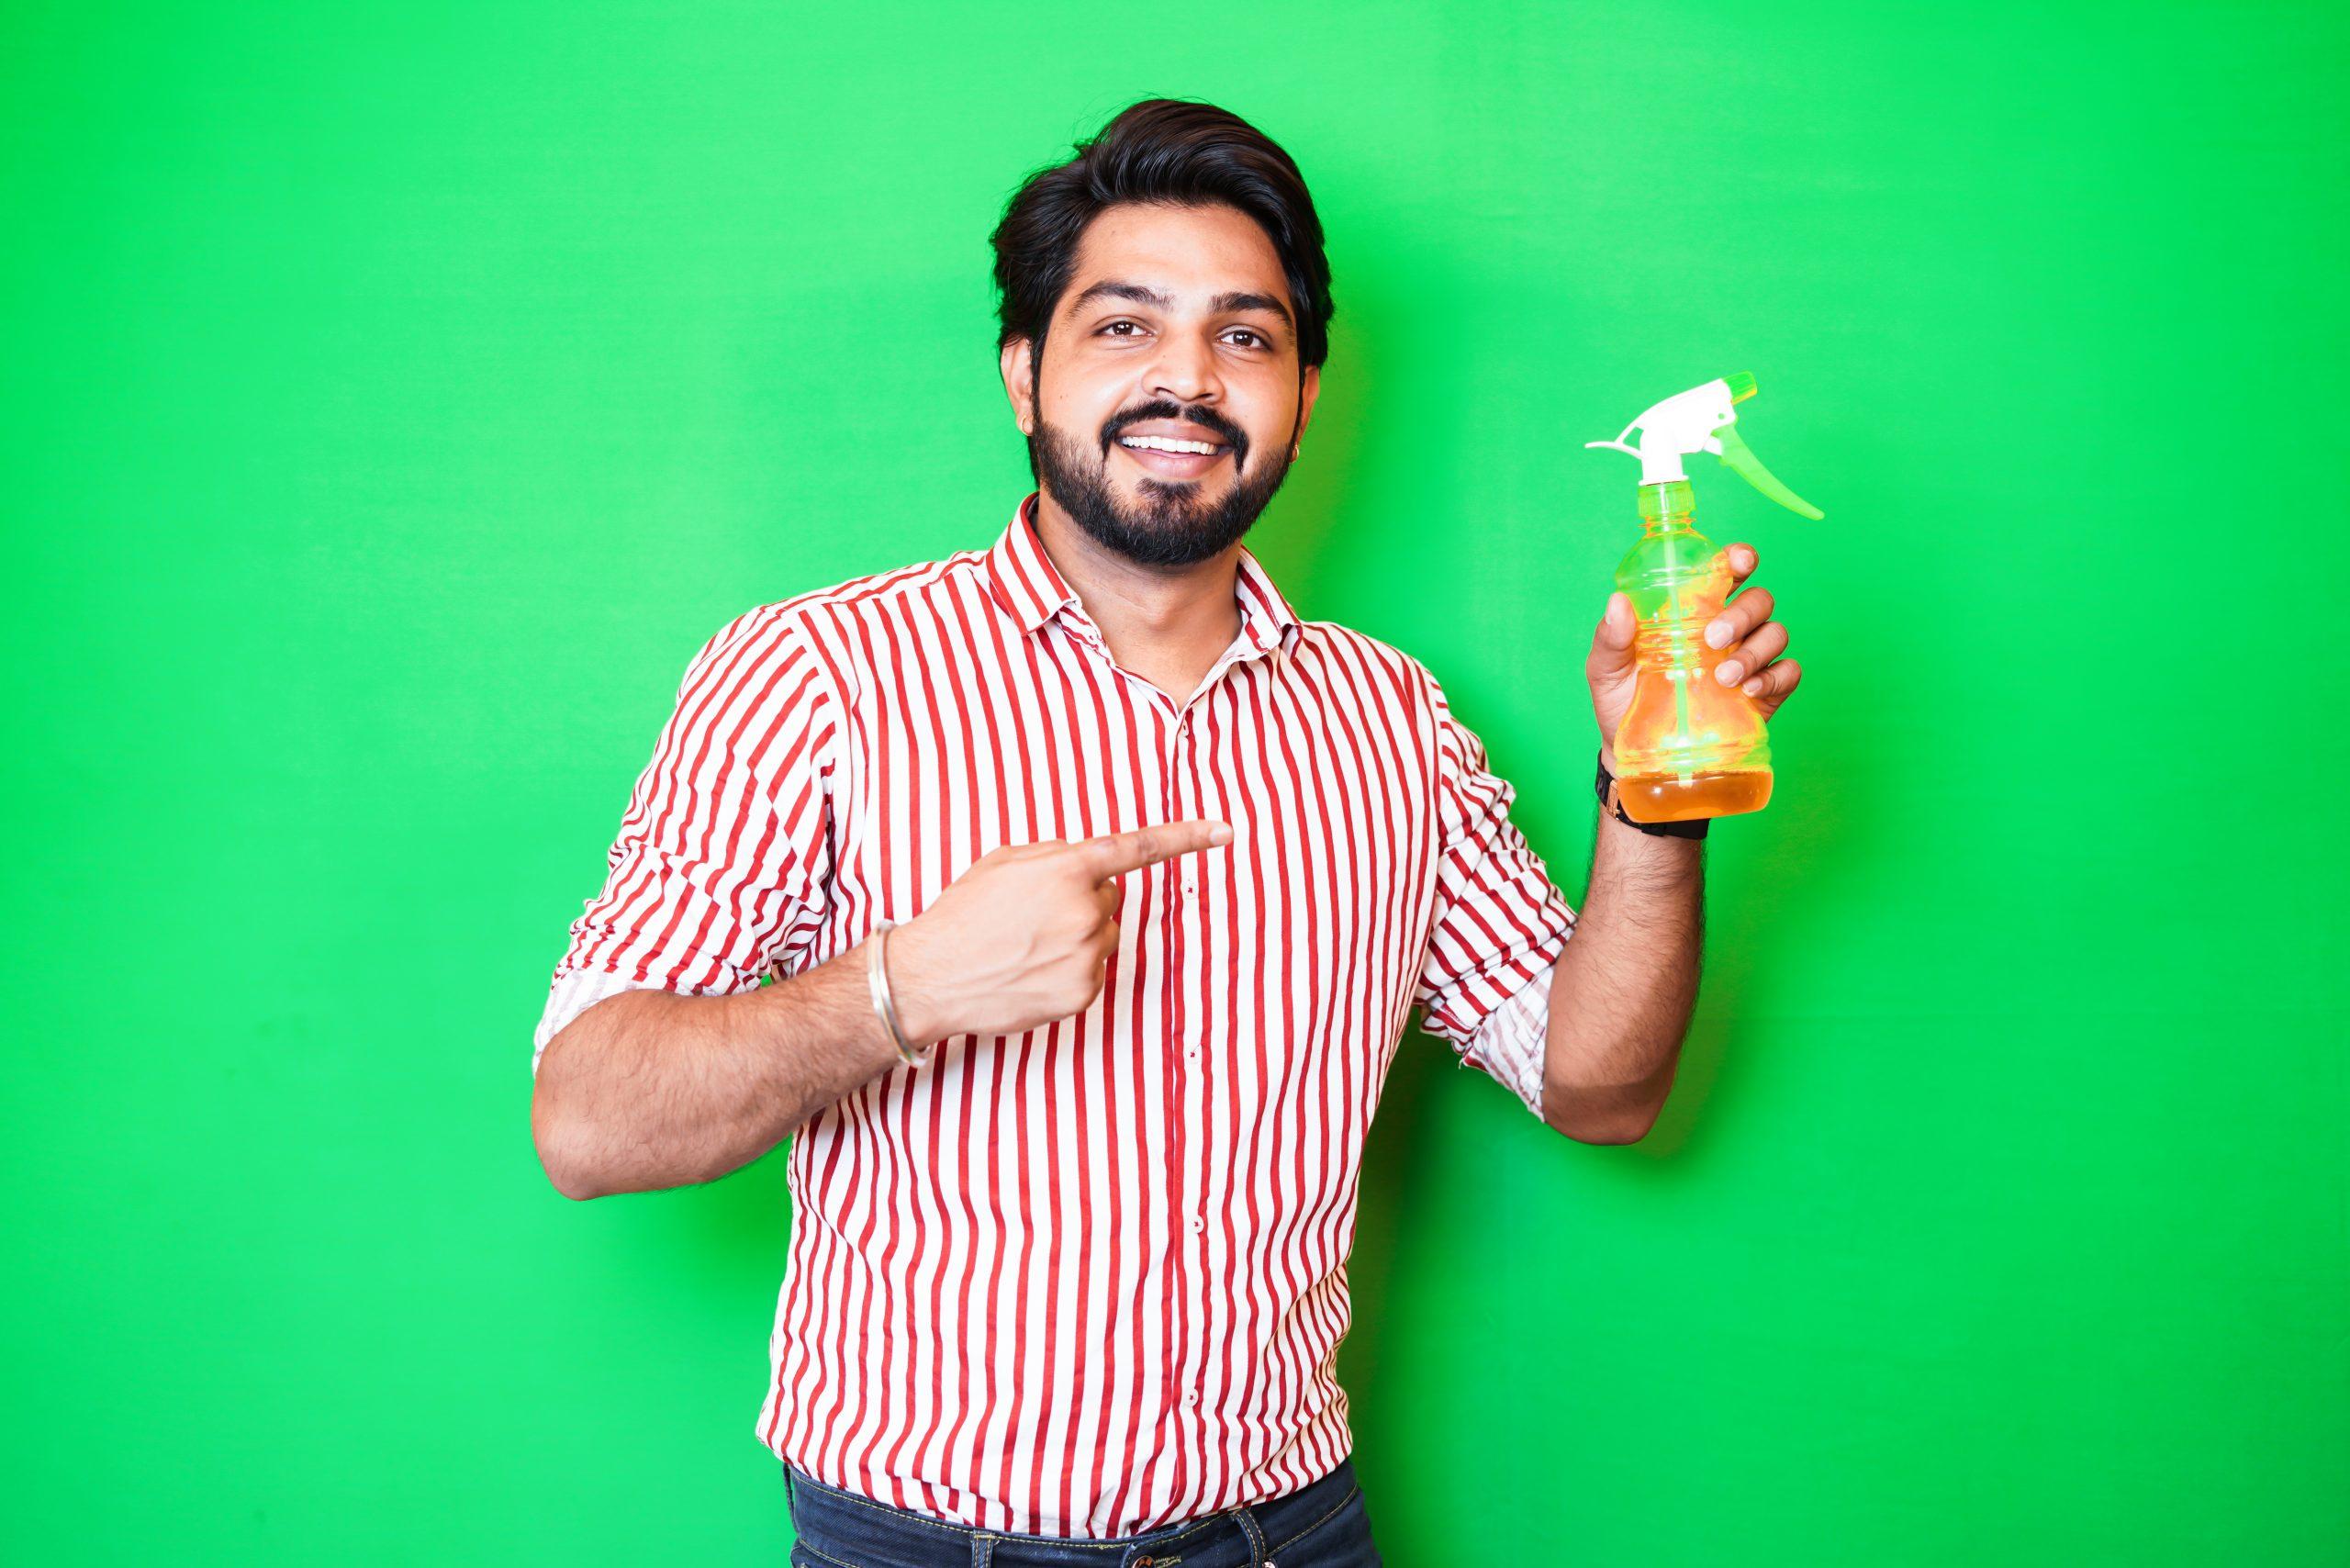 Man Showing Hand sanitizer